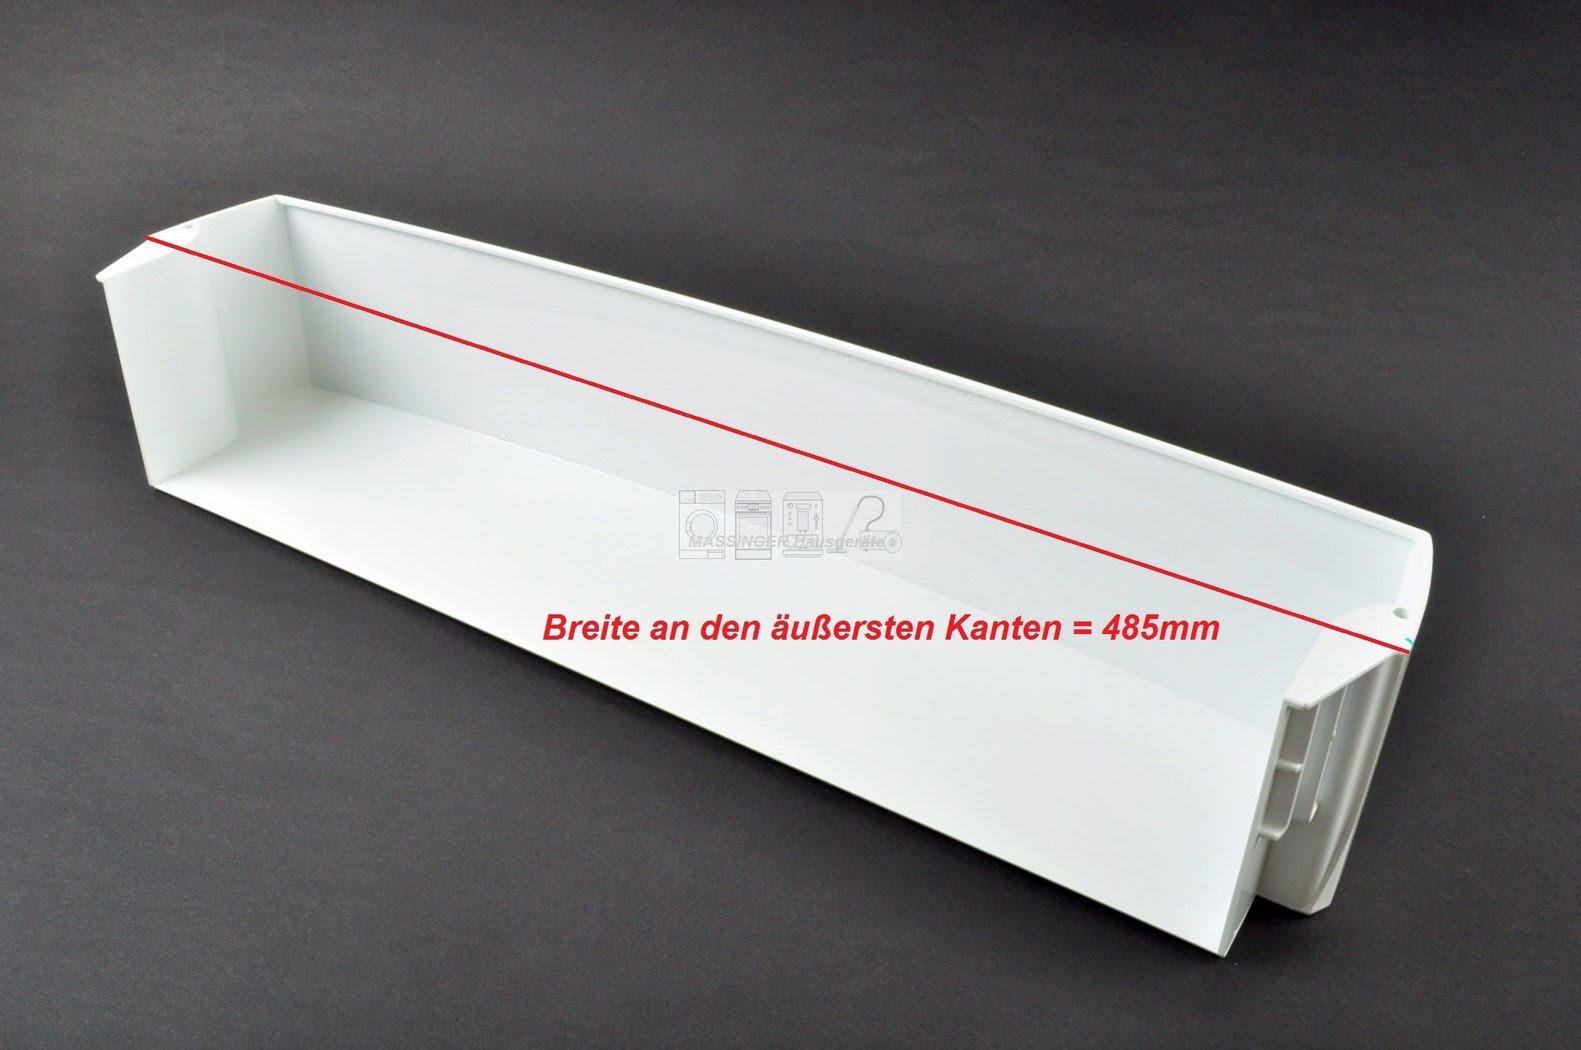 Gorenje Kühlschrank Ersatzteile Türfach : Ersatzteile privileg kühlschrank flaschenfach sandra bowyer